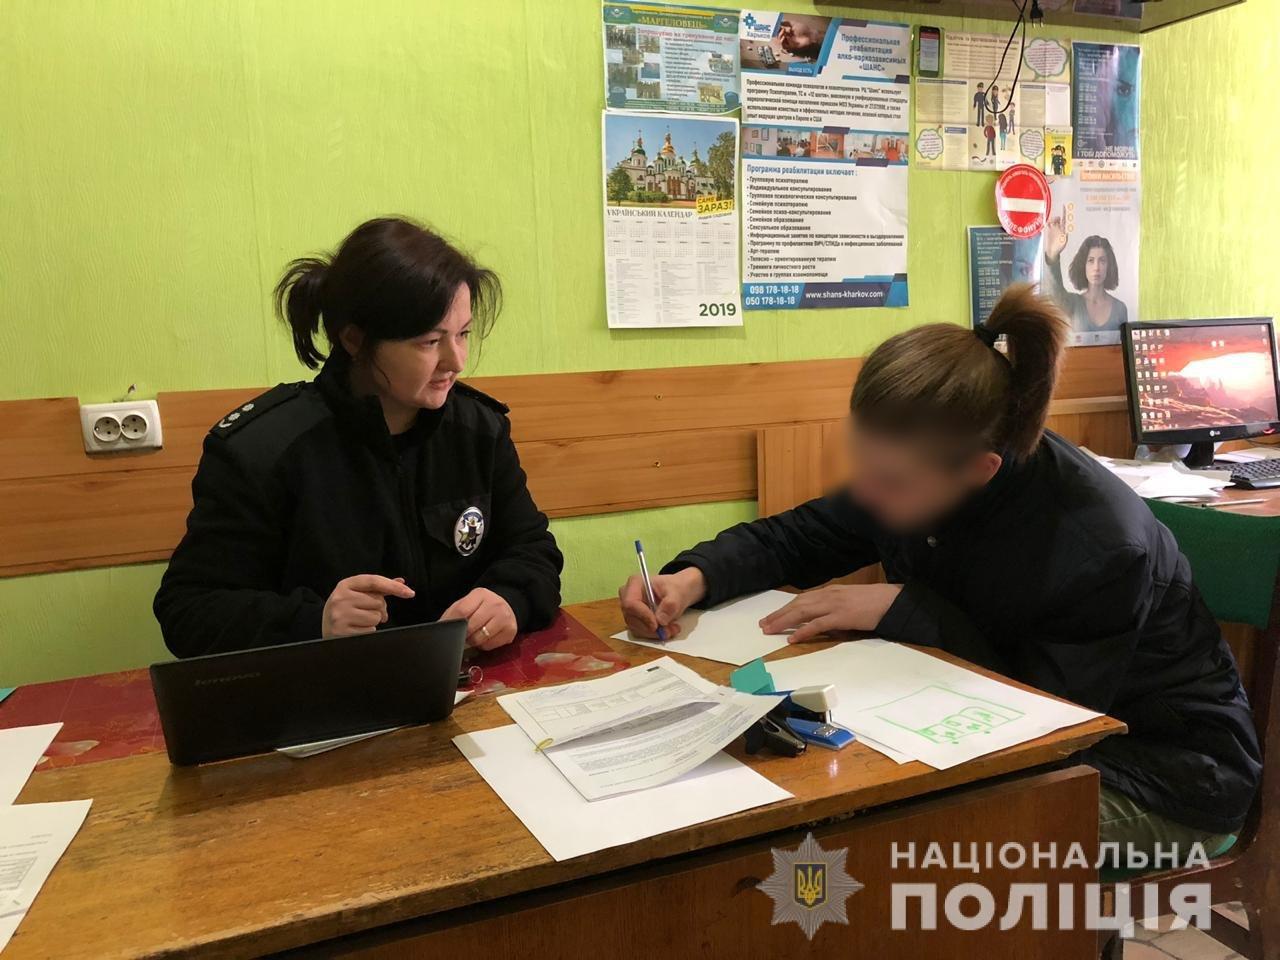 Прогулял уроки и ночевал в подвале: в Харькове нашли подростка, который сбежал из дома, - ФОТО, фото-1